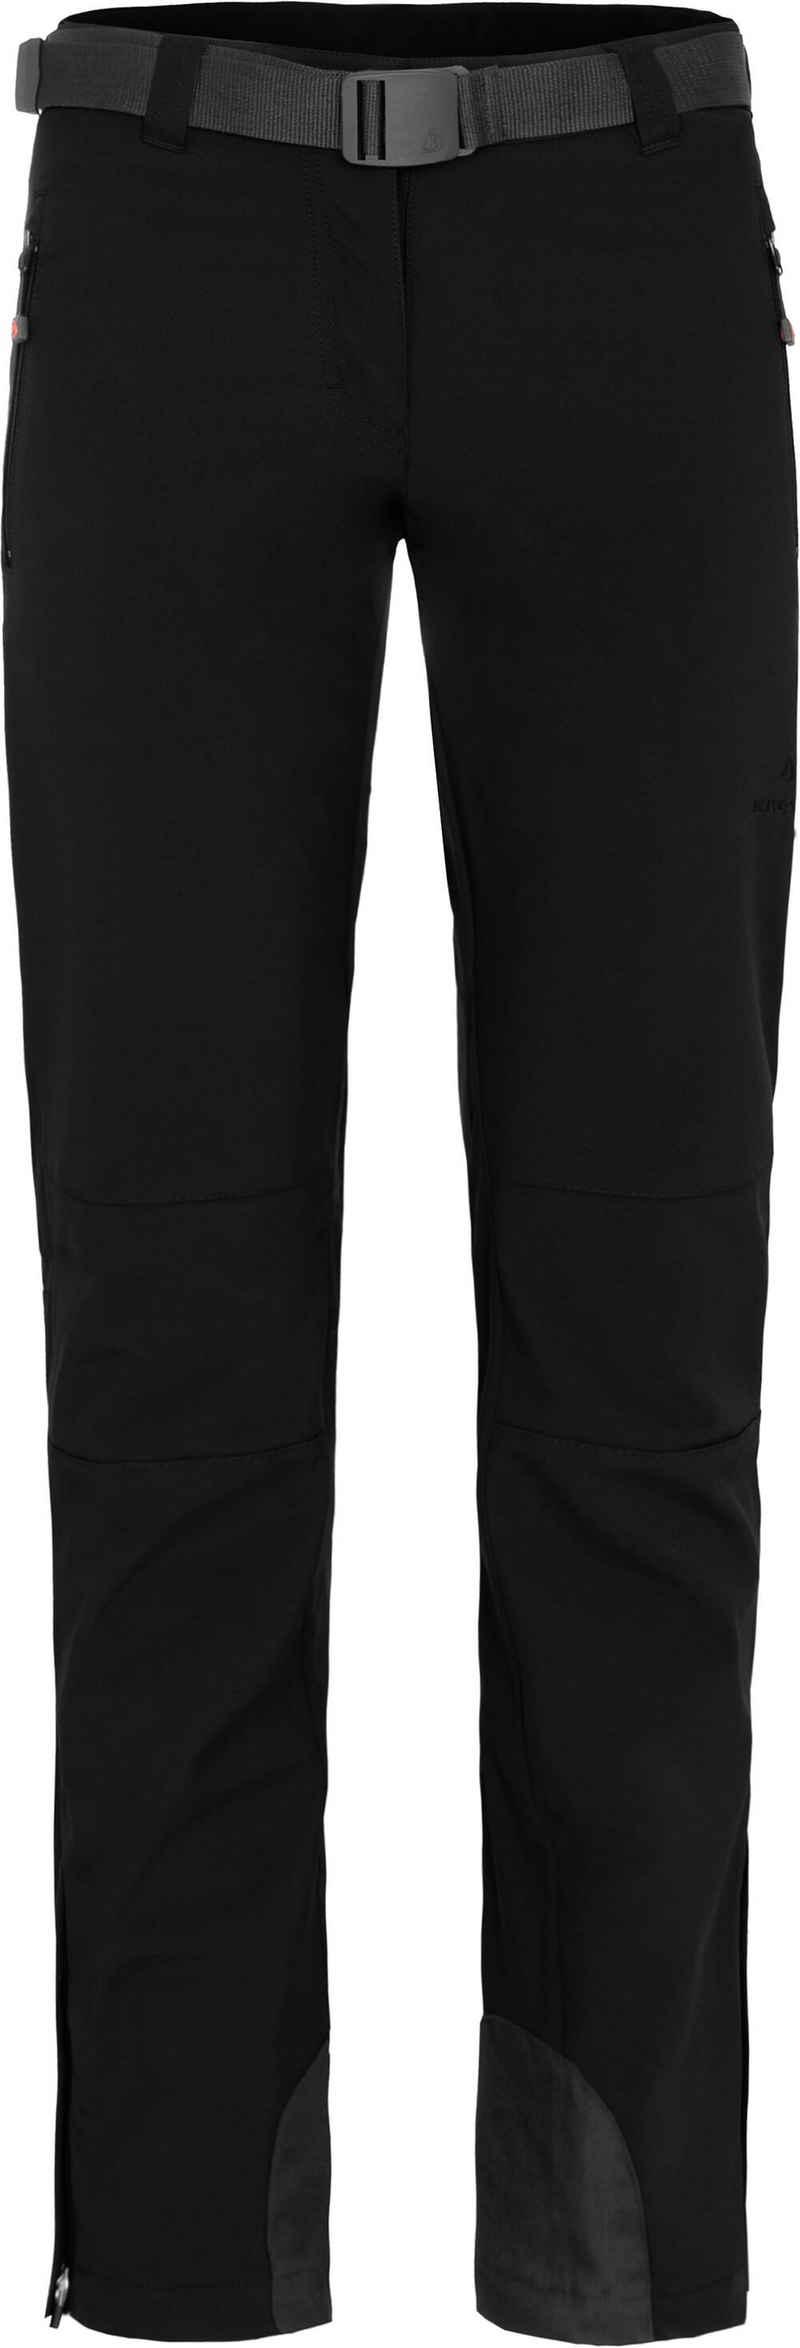 Bergson Outdoorhose »MAILA« Damen Winter Softshellhose, winddicht, warm, Normalgrößen, schwarz